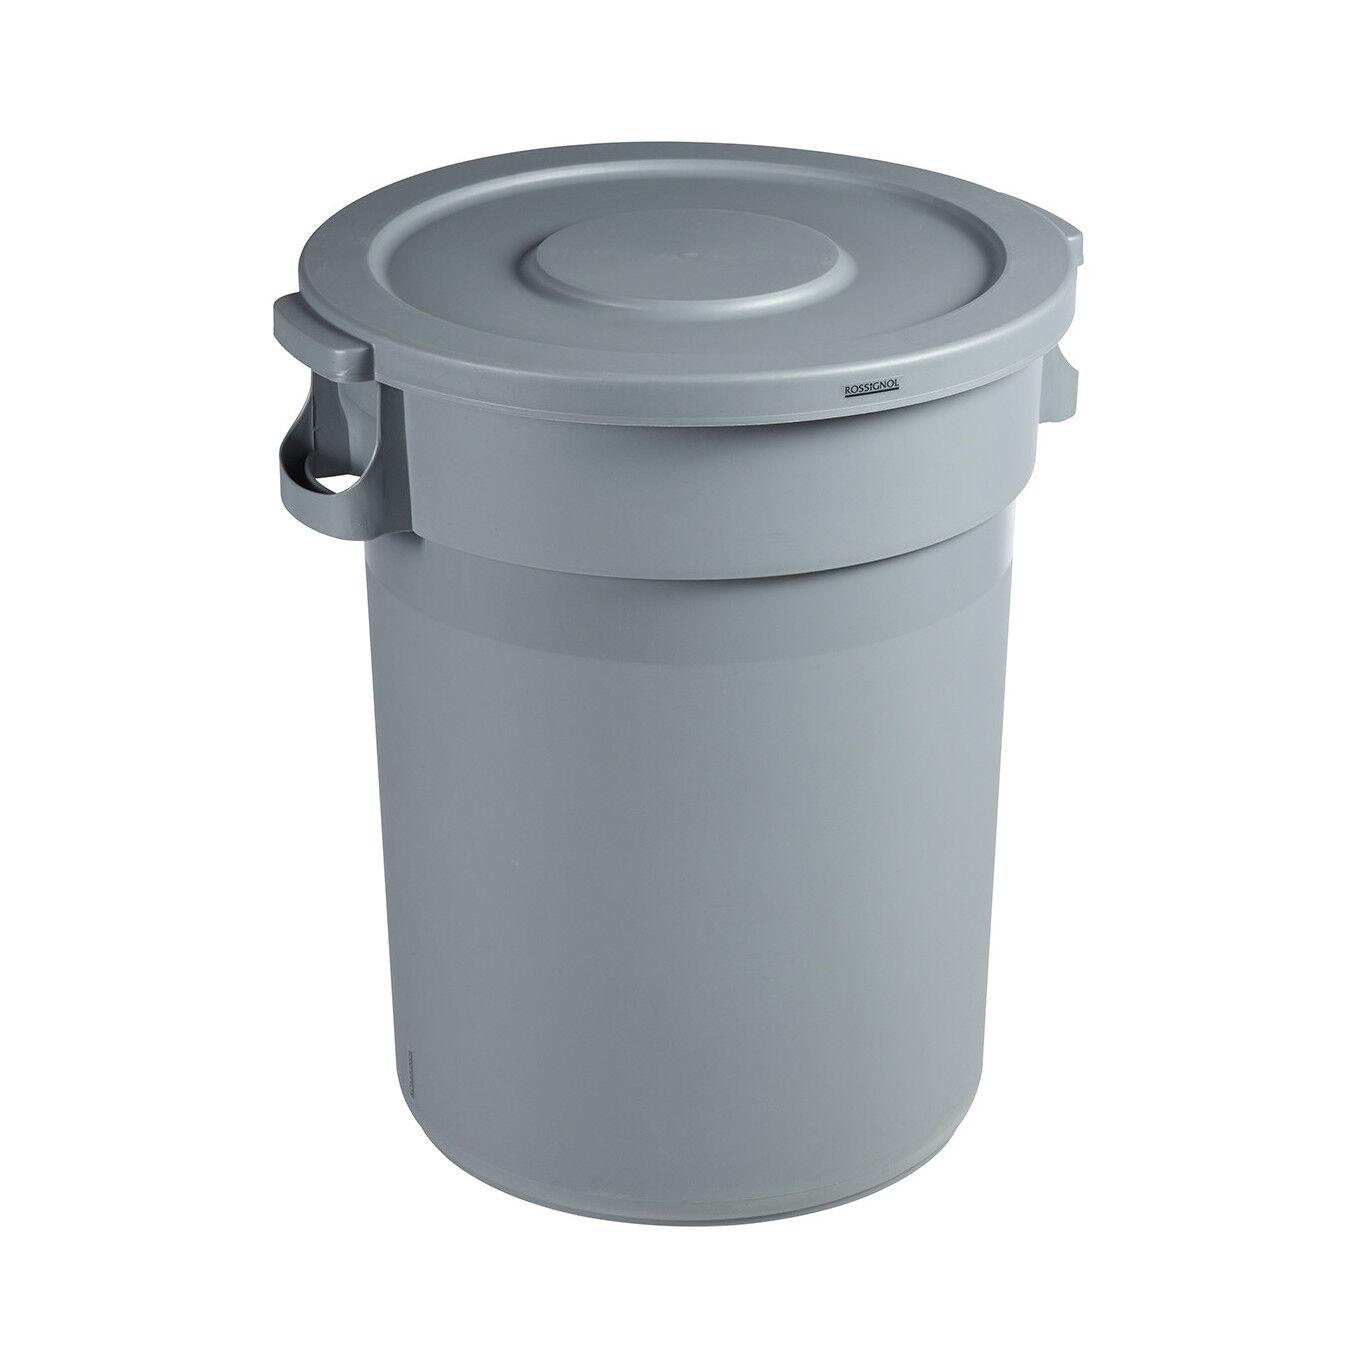 Axess Industries Conteneur poubelle rond avec couvercle   Volume 80 L   Couvercle Plat